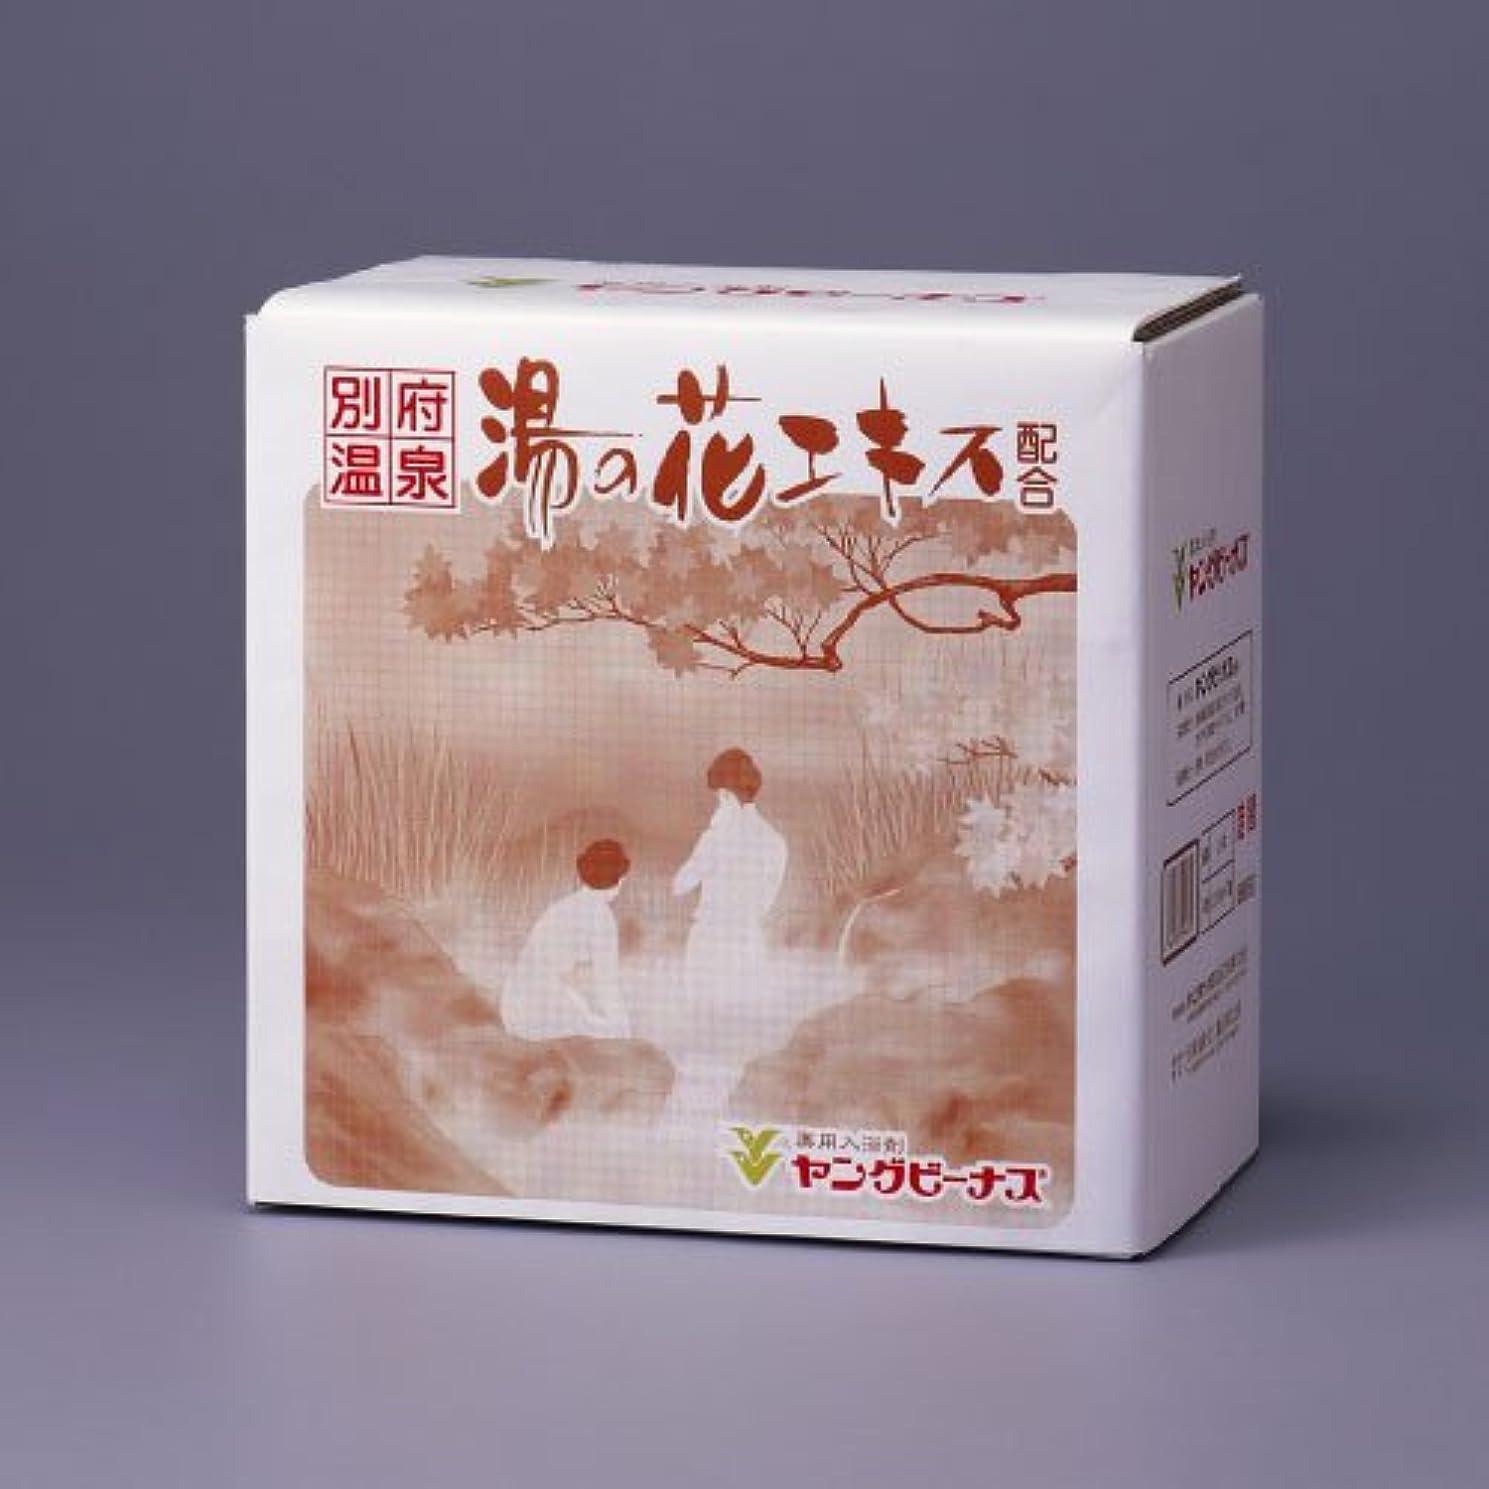 間違っている男らしさ足音薬用入浴剤ヤングビーナスSv C-60【5.6kg】(詰替2.8kg2袋) [医薬部外品]